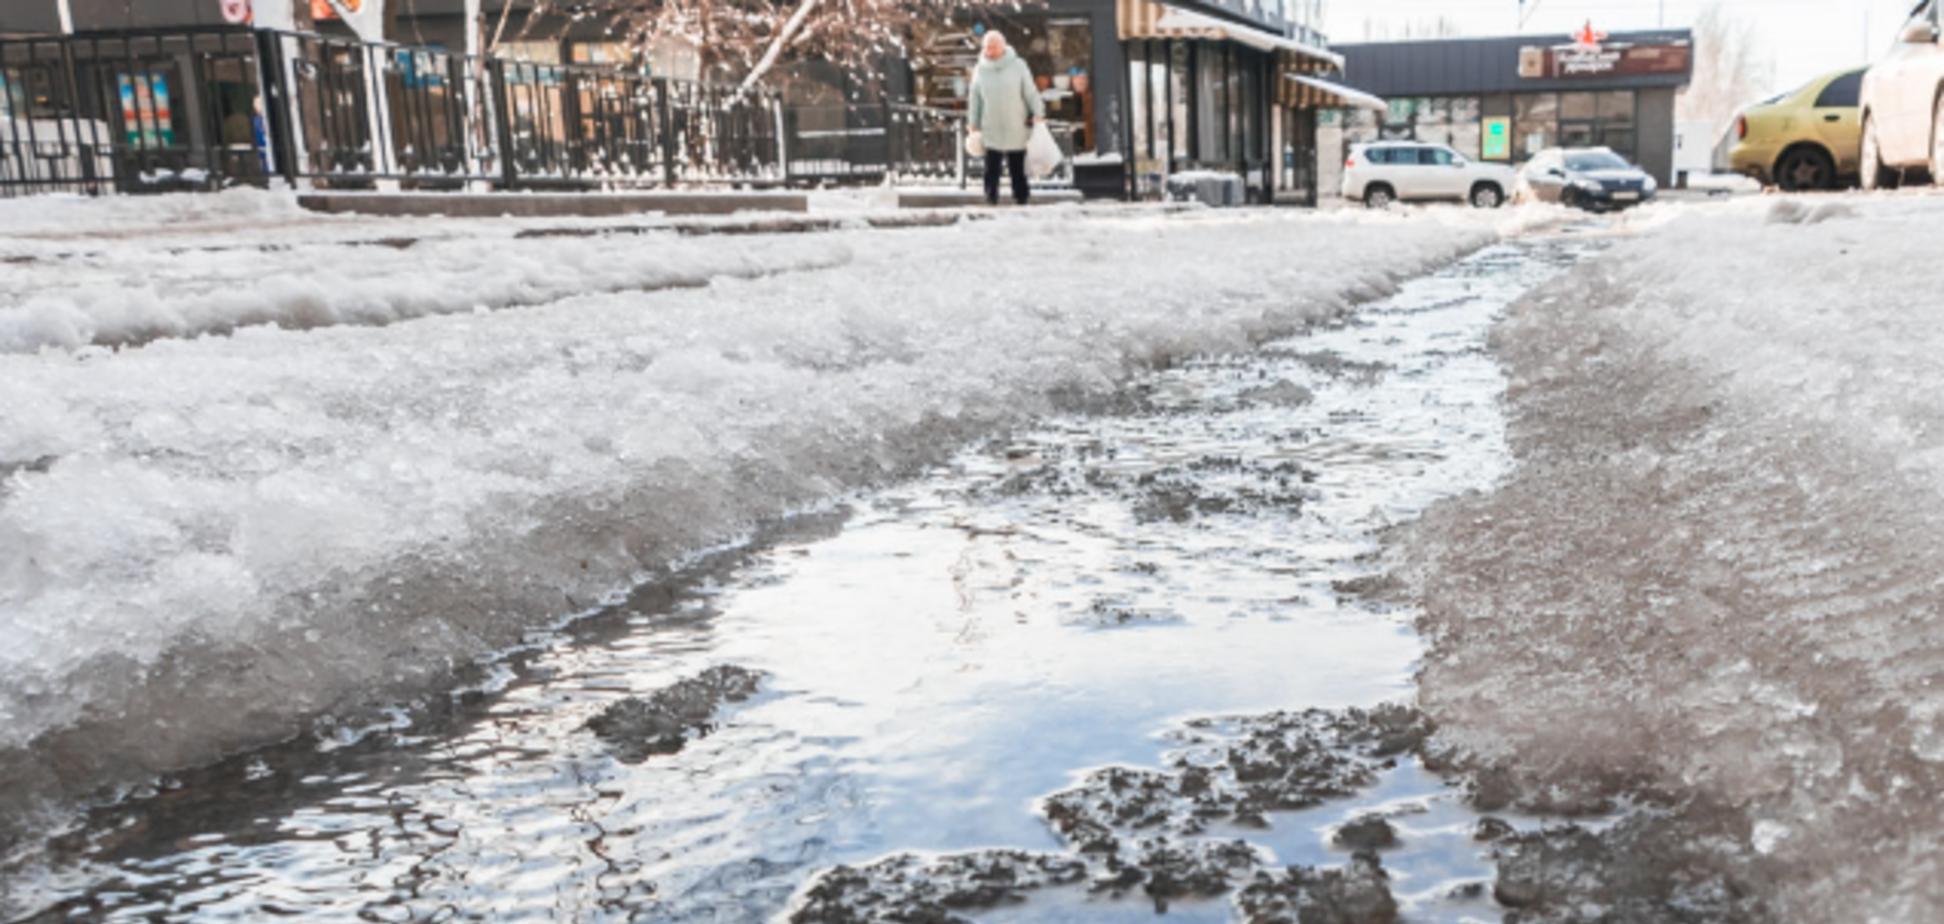 Вода заливає вулиці: в Дніпрі сталася масштабна НП. Фото